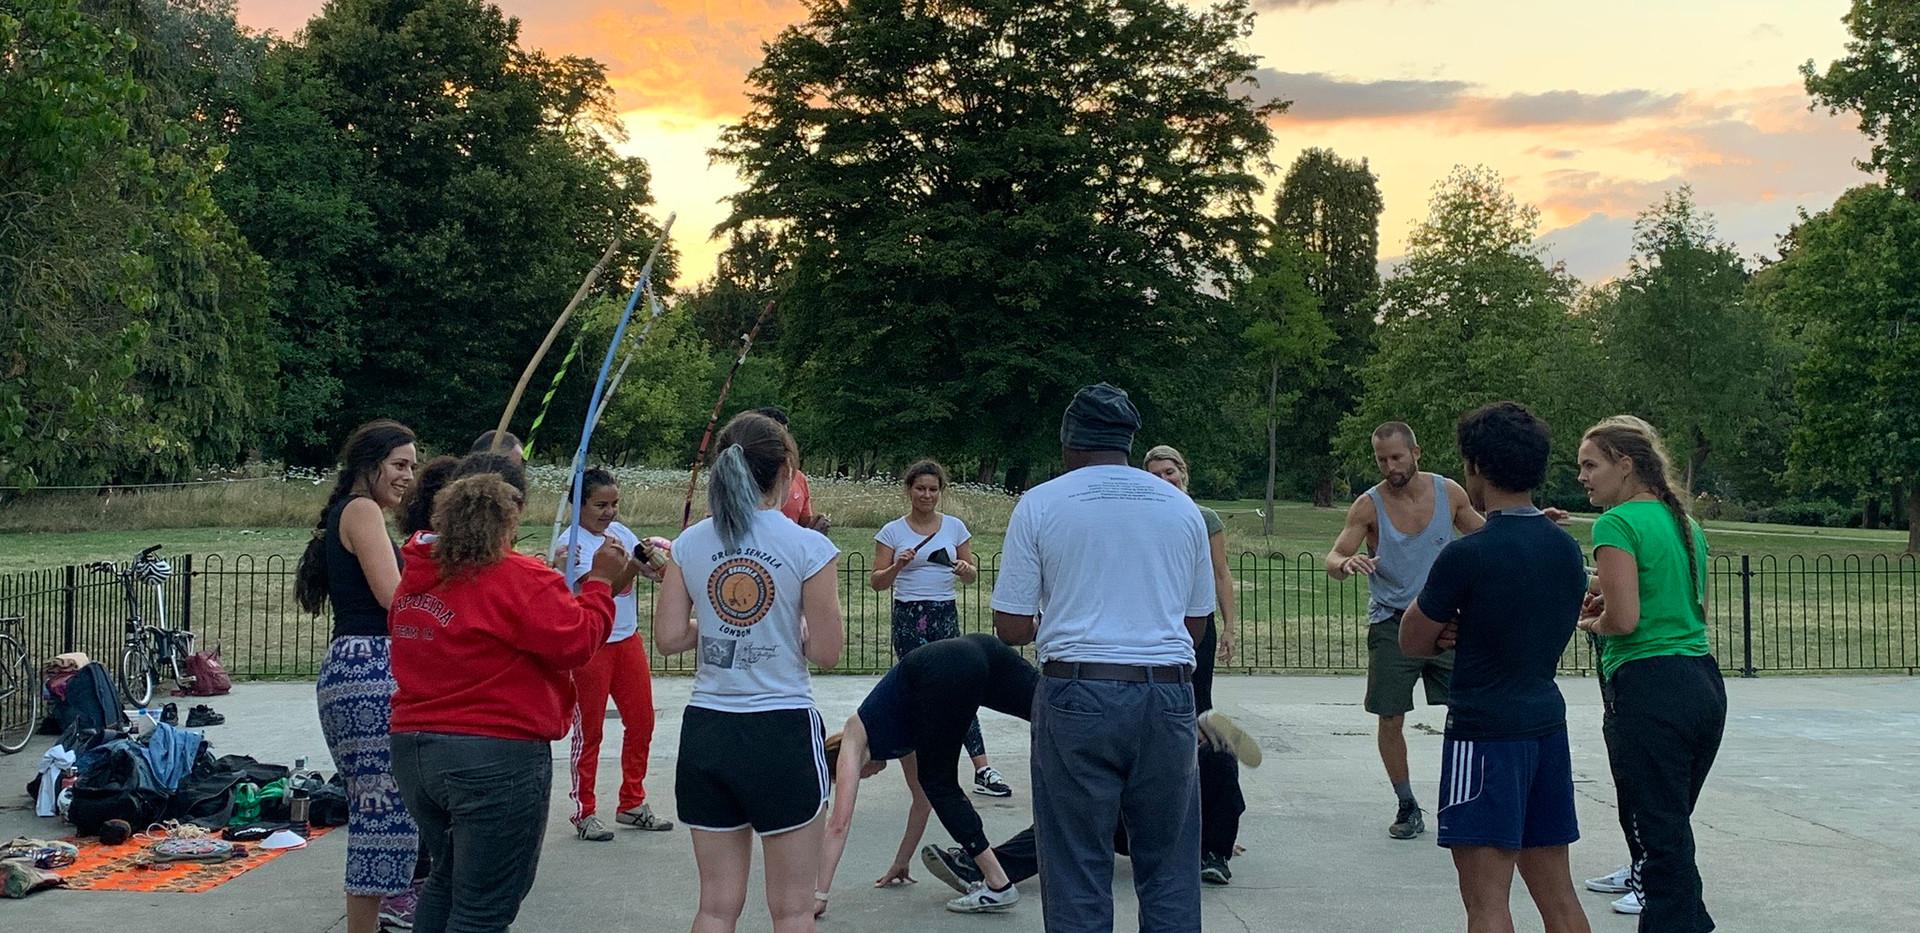 Capoeira Angola Classes in North London